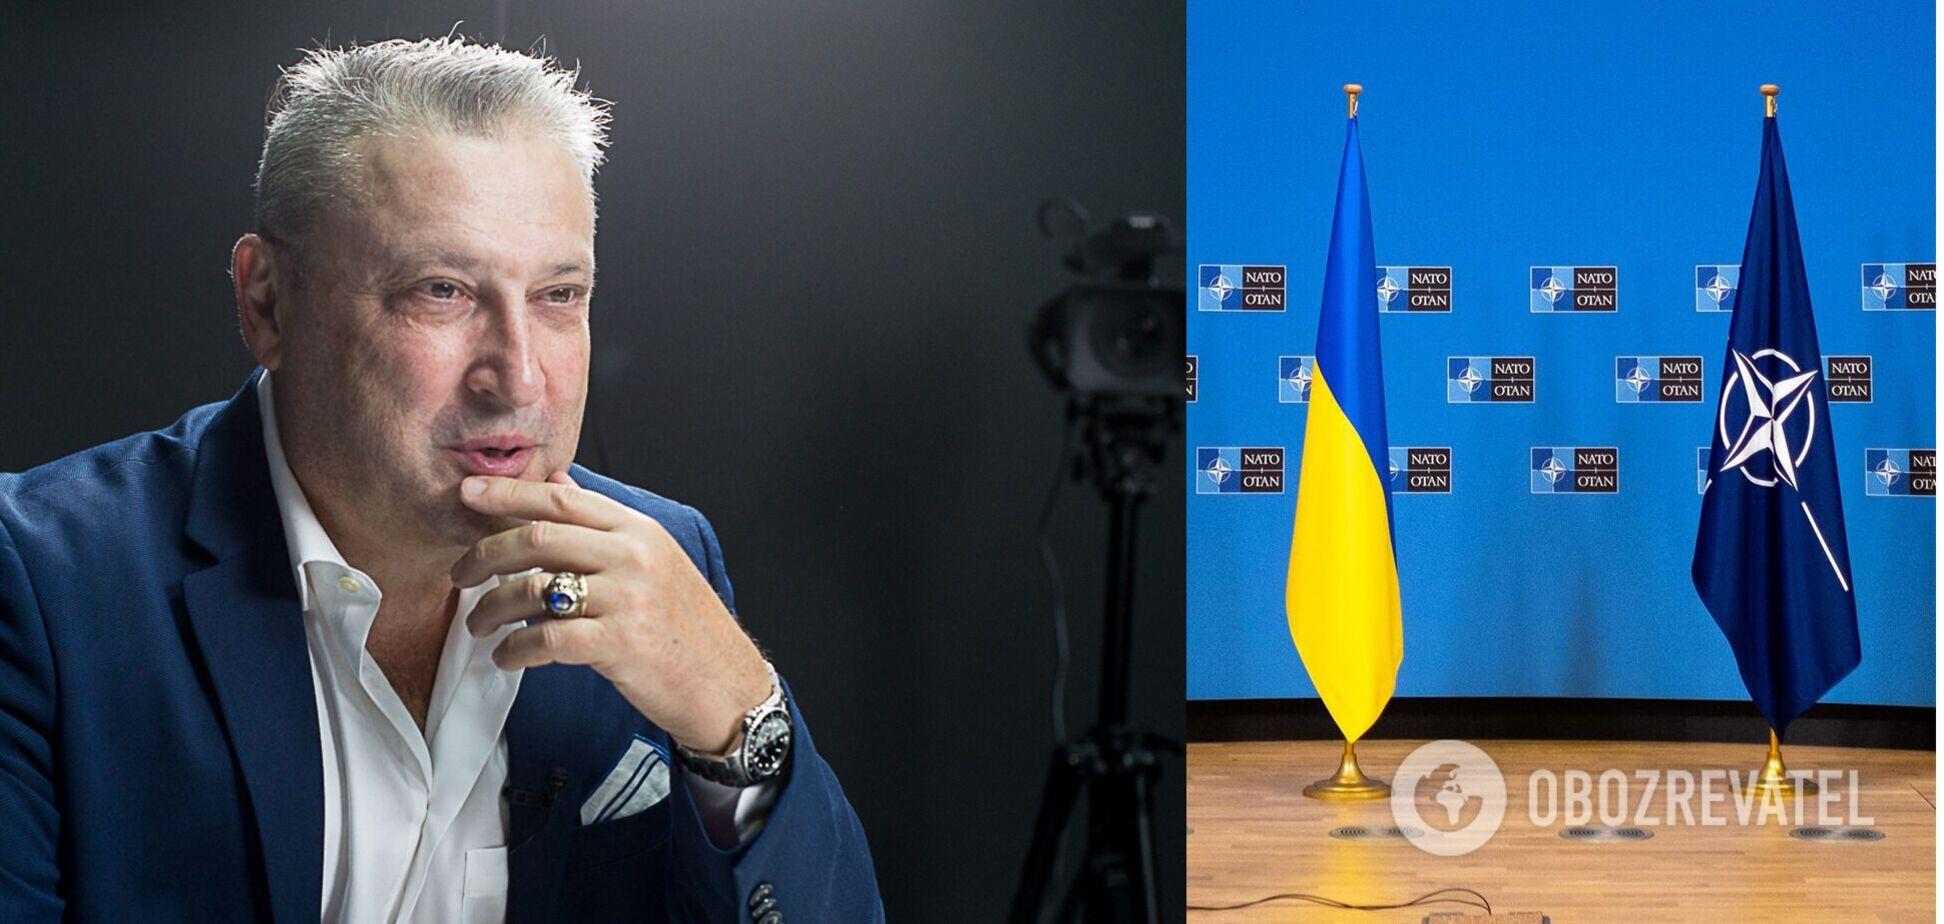 Табах розповів, що може дати Україні статус союзника США поза НАТО: до мети потрібно йти з розумом